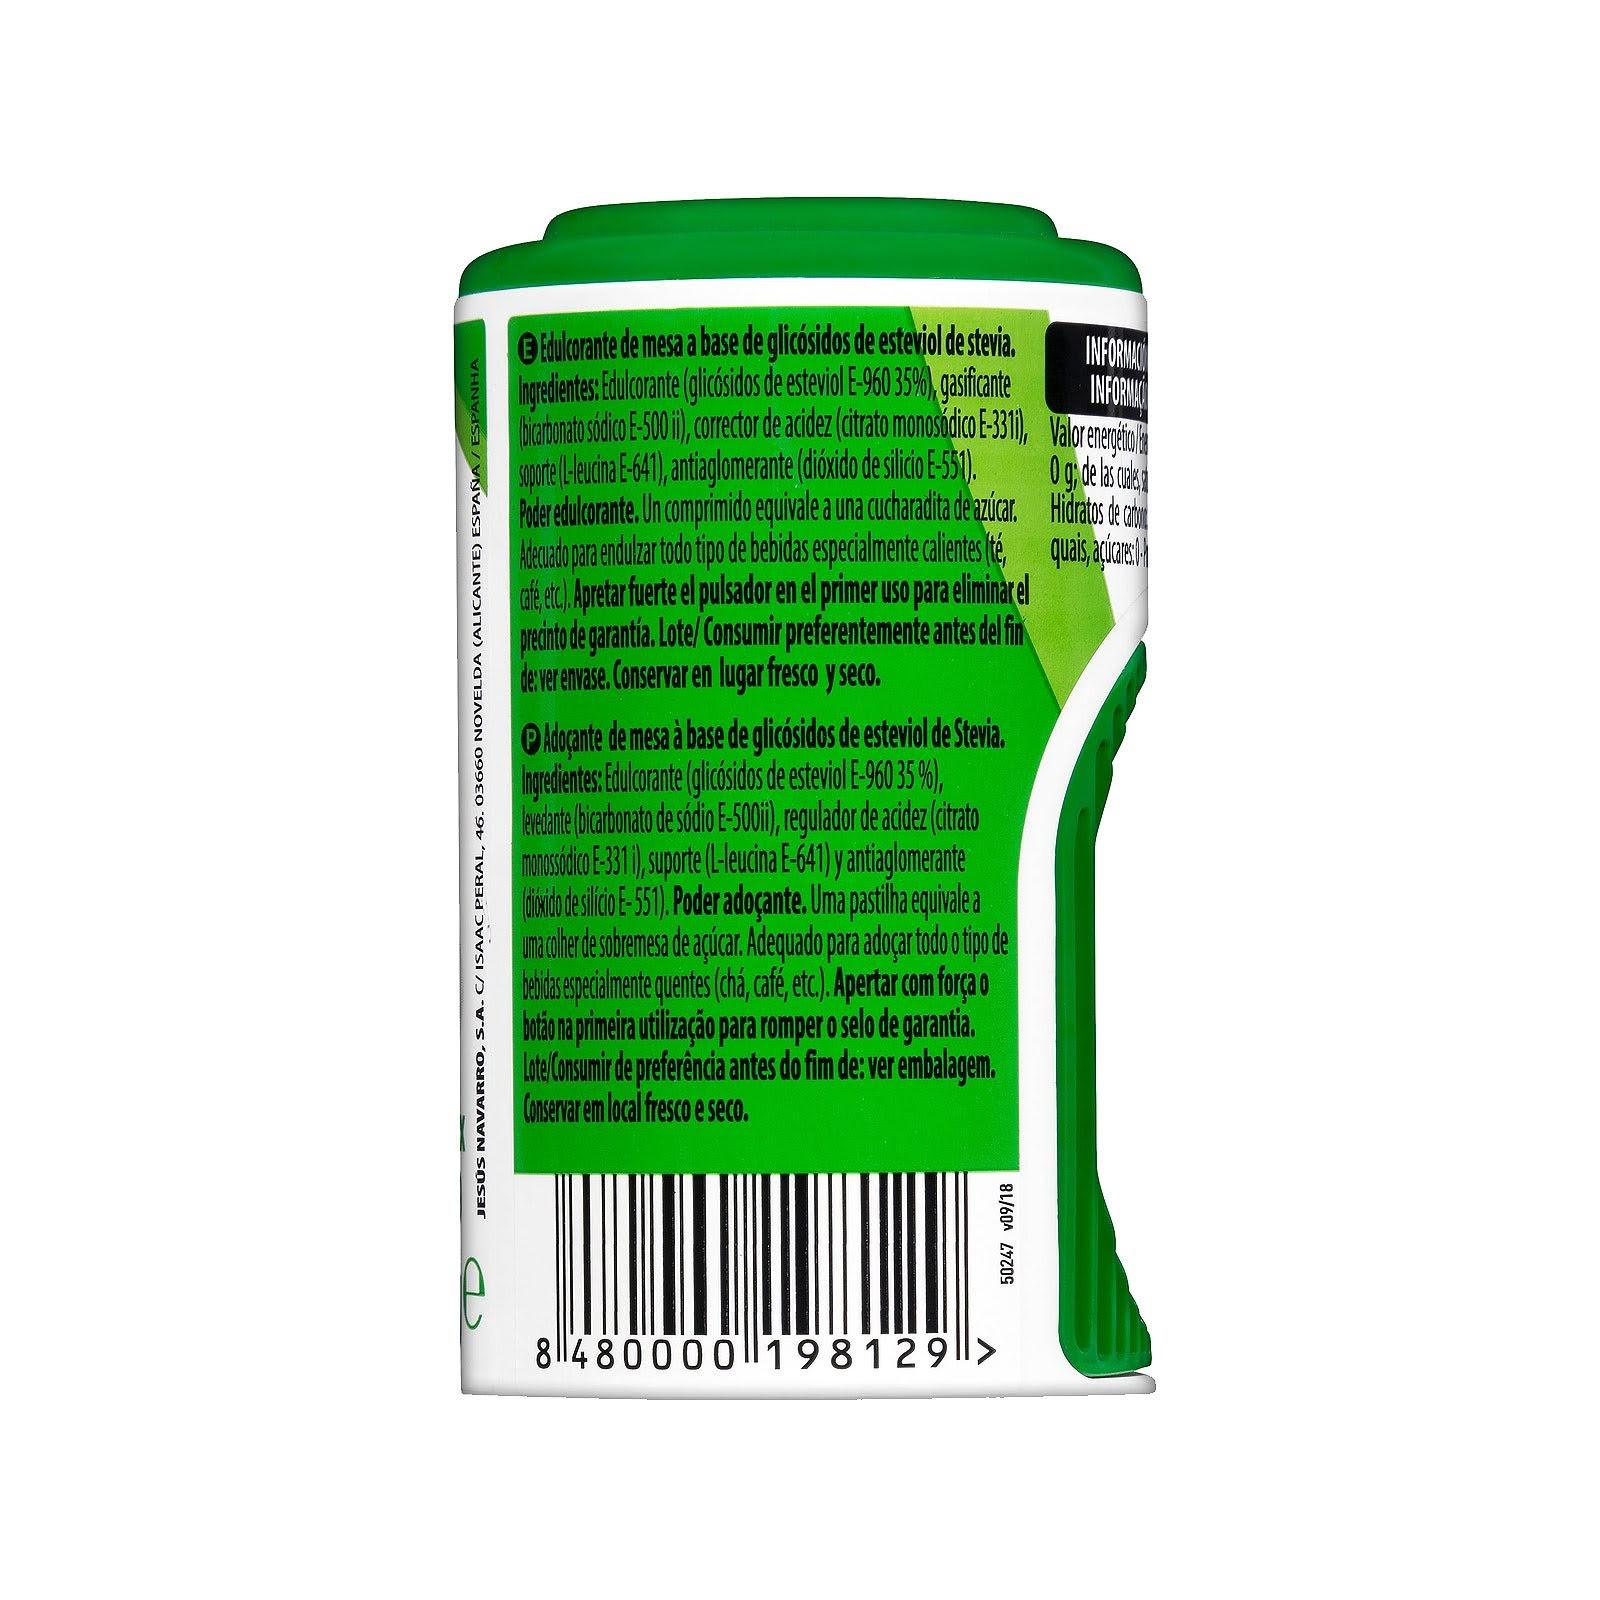 Edulcorante de stevia en pastillas Hacendado